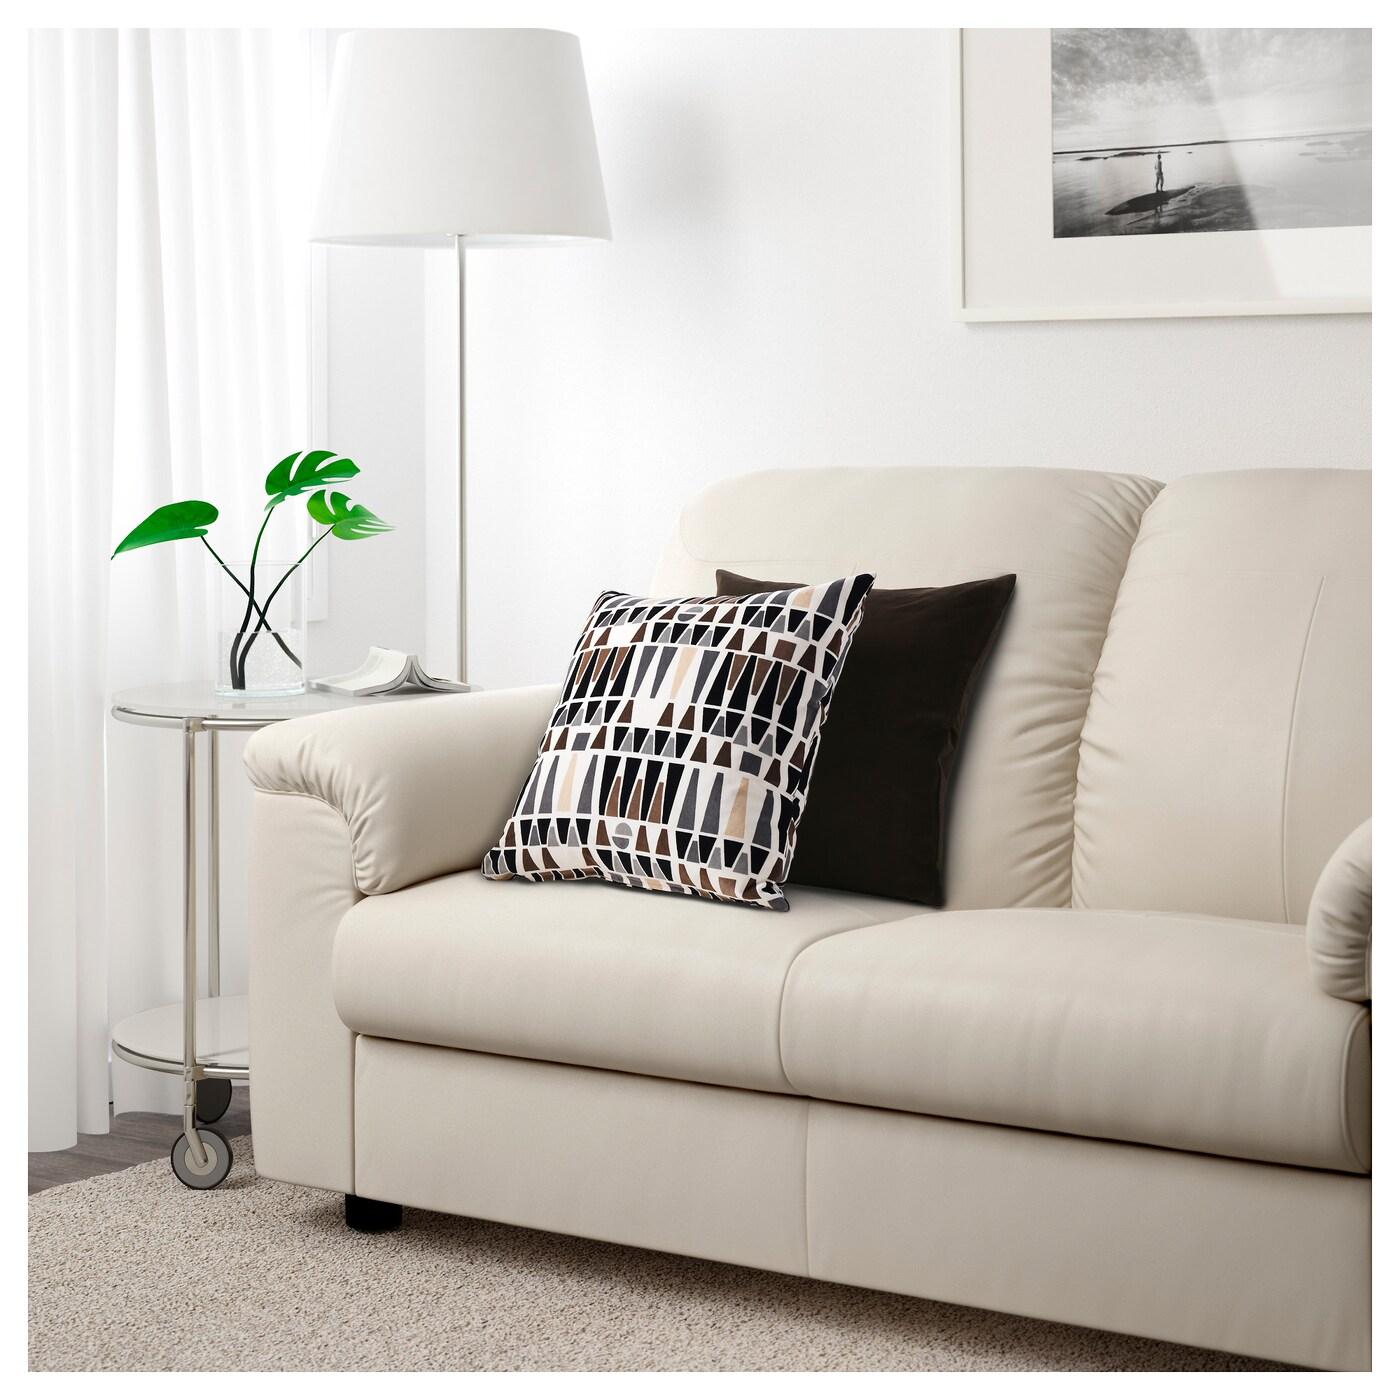 TIMSFORS Threeseat sofa Mjukkimstad offwhite IKEA